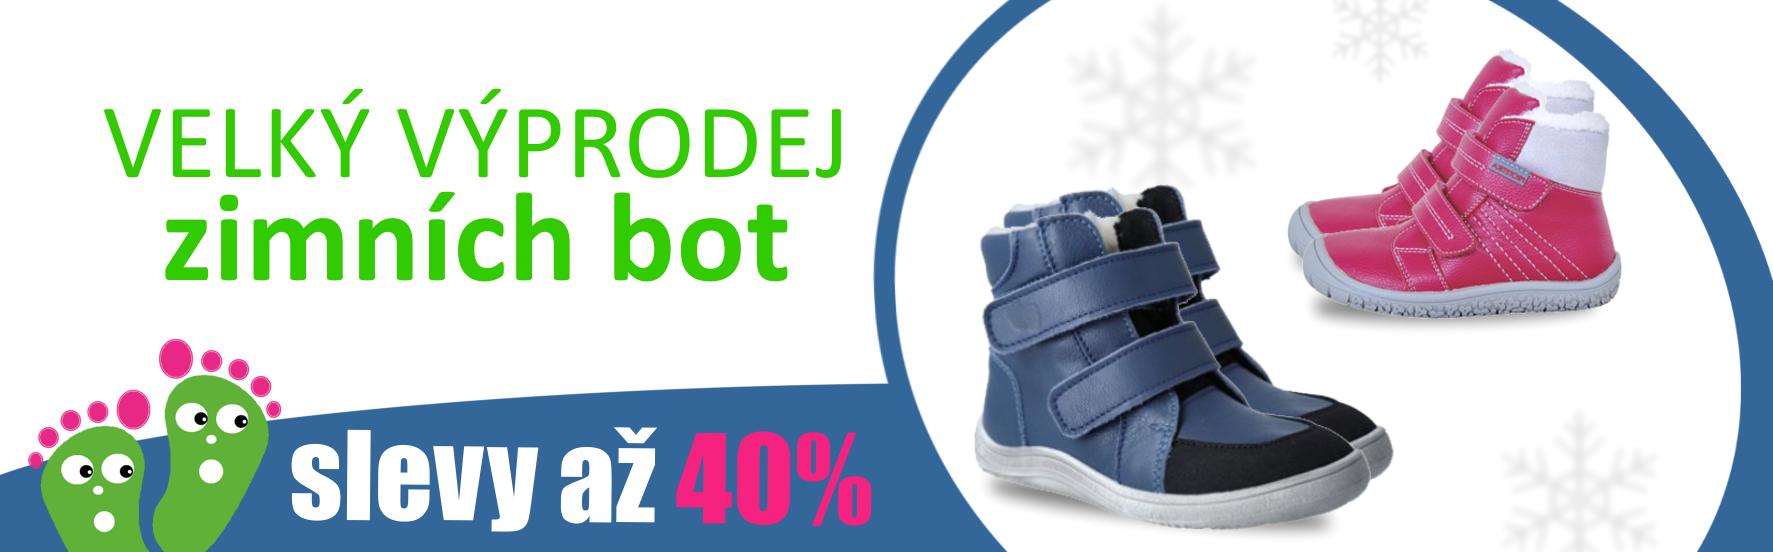 Výprodej zimních barefoot bot, slevy až 40%